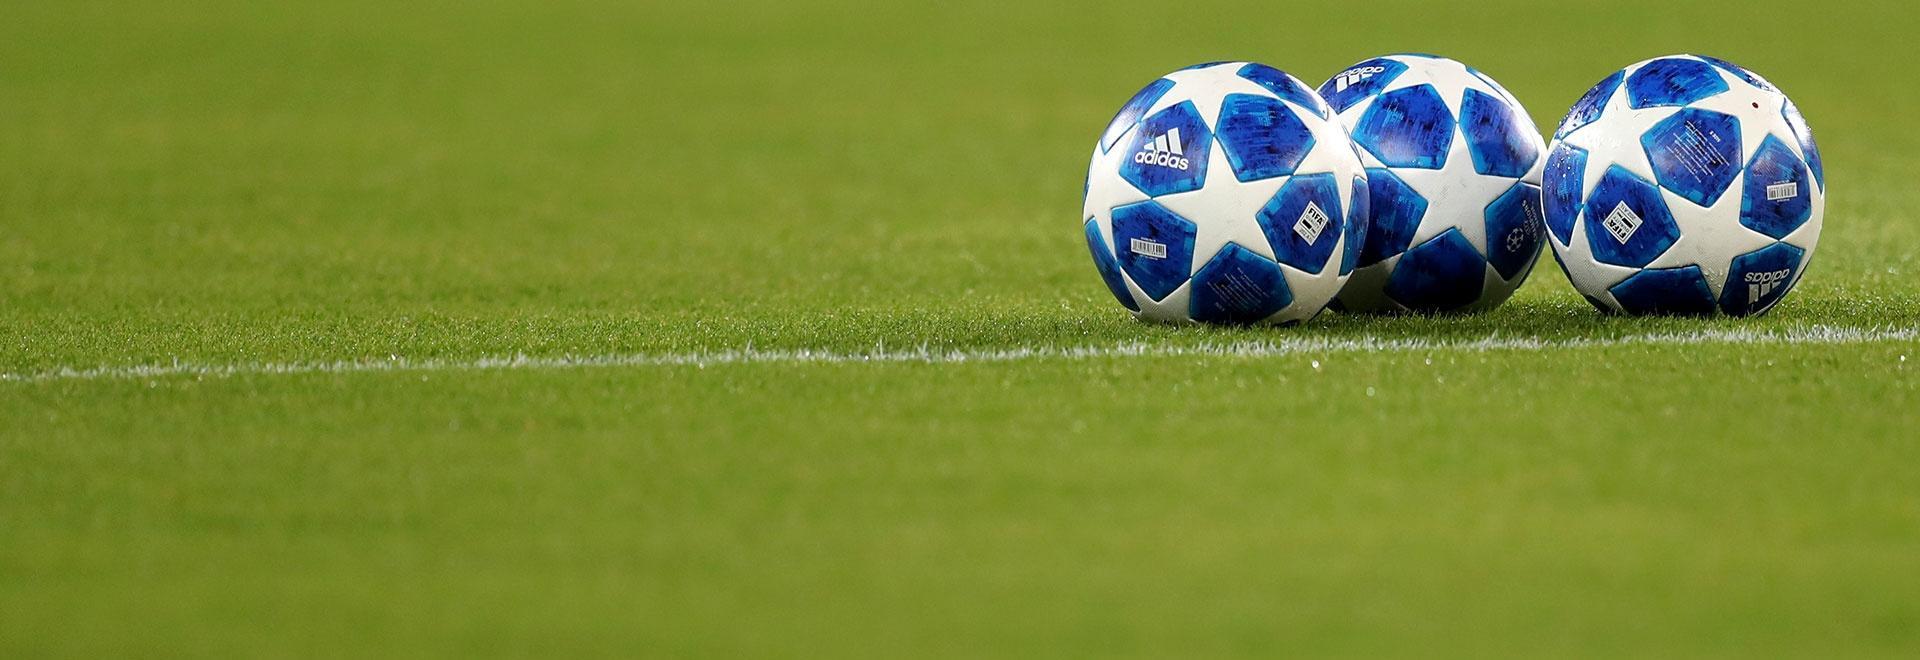 Borussia D. - Malaga 09/04/13